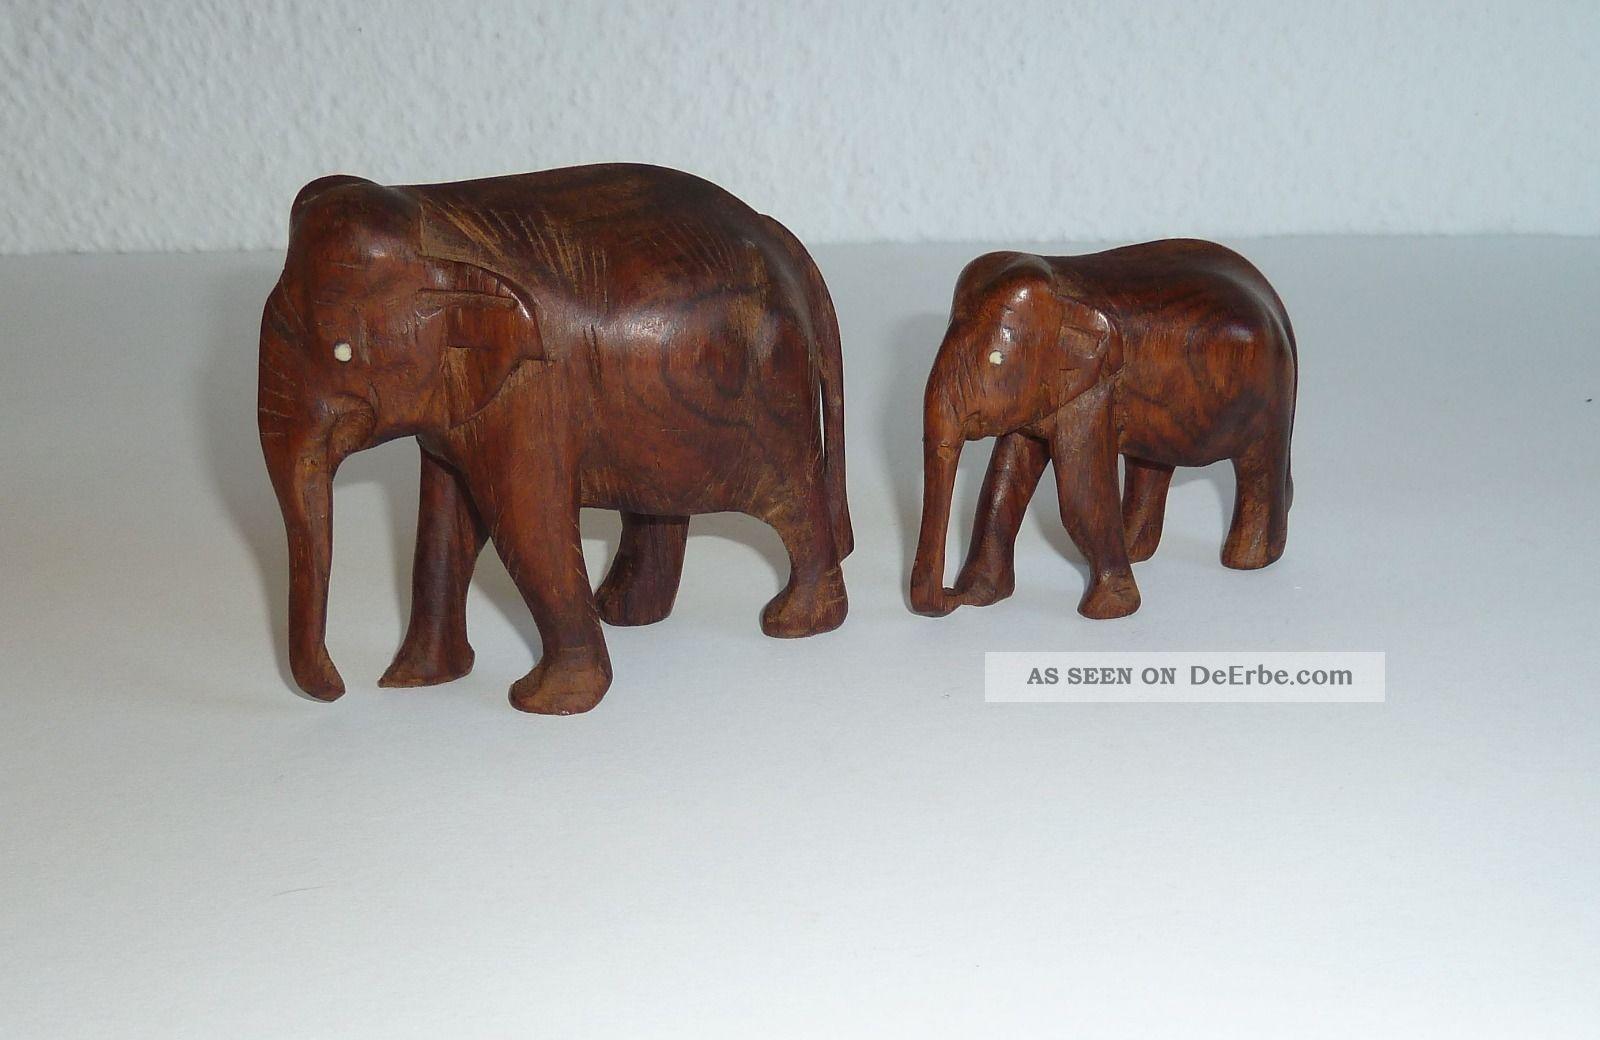 holz elefant elefanten asiatisch suchen ein neues heim. Black Bedroom Furniture Sets. Home Design Ideas